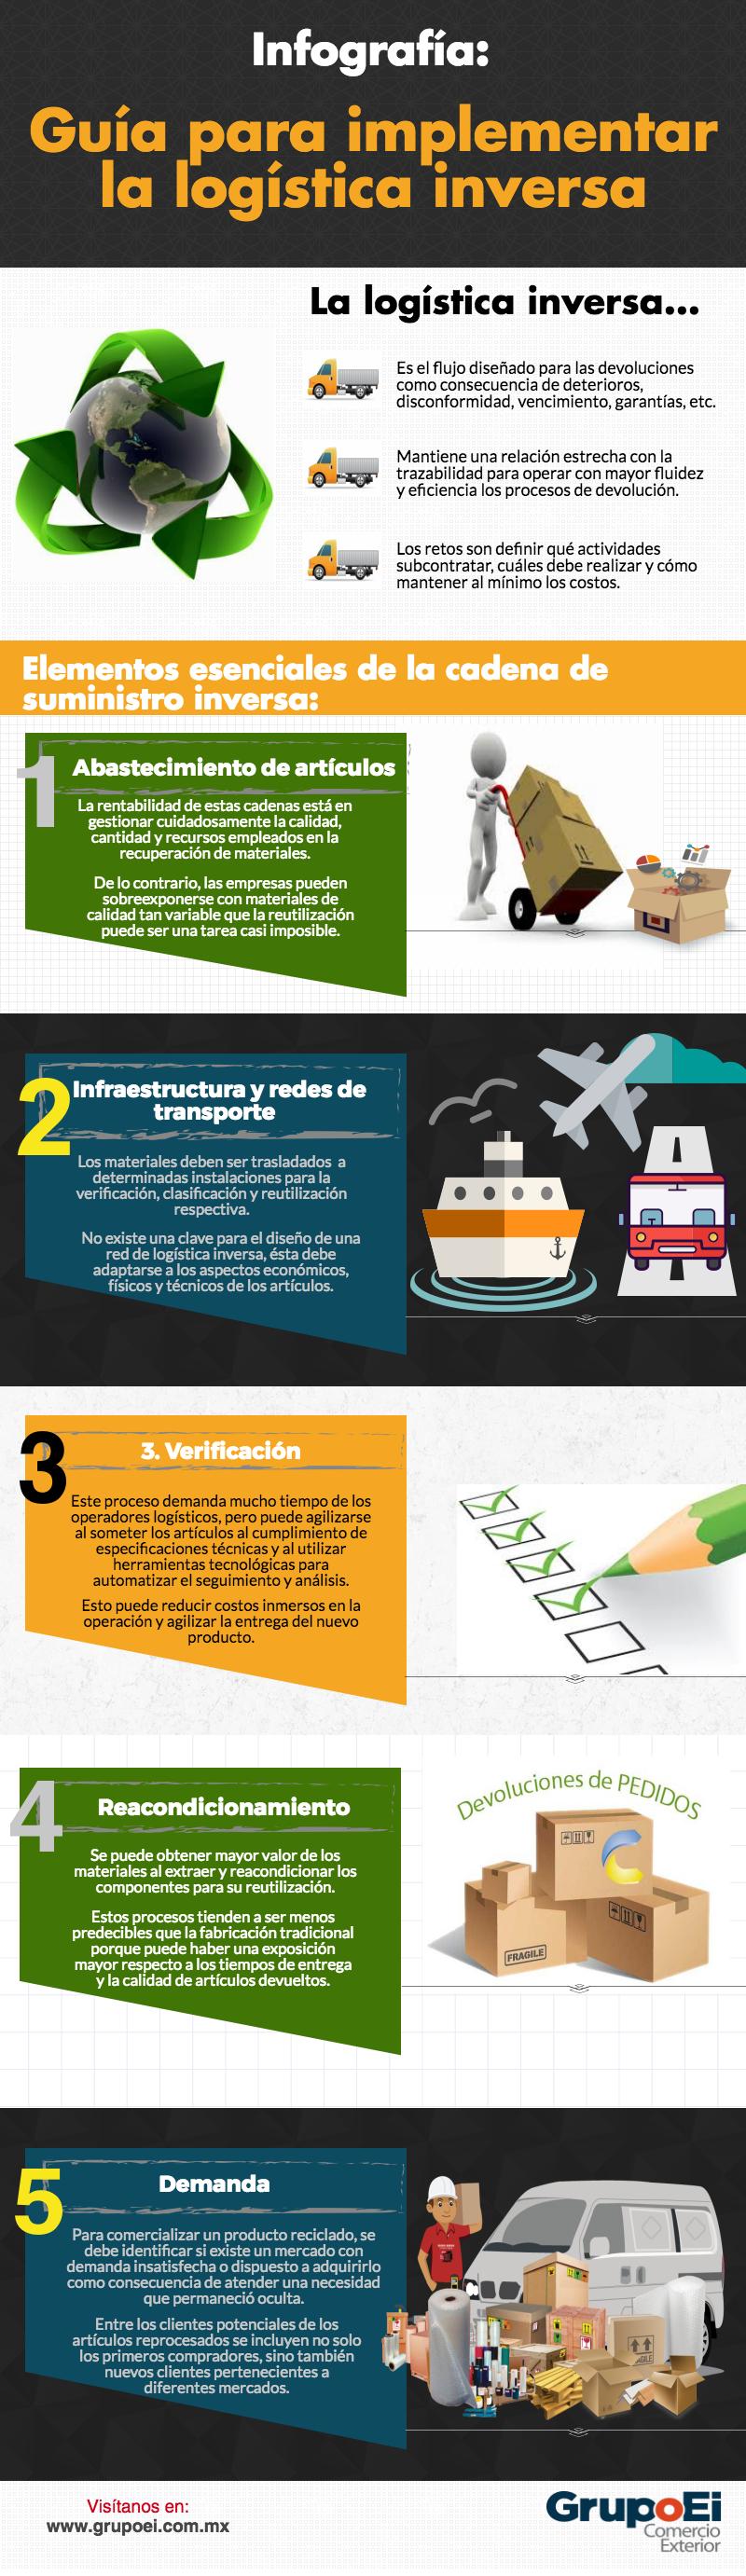 agencia-aduanal-en-mexico-como-implementar-logistica-inversa.png